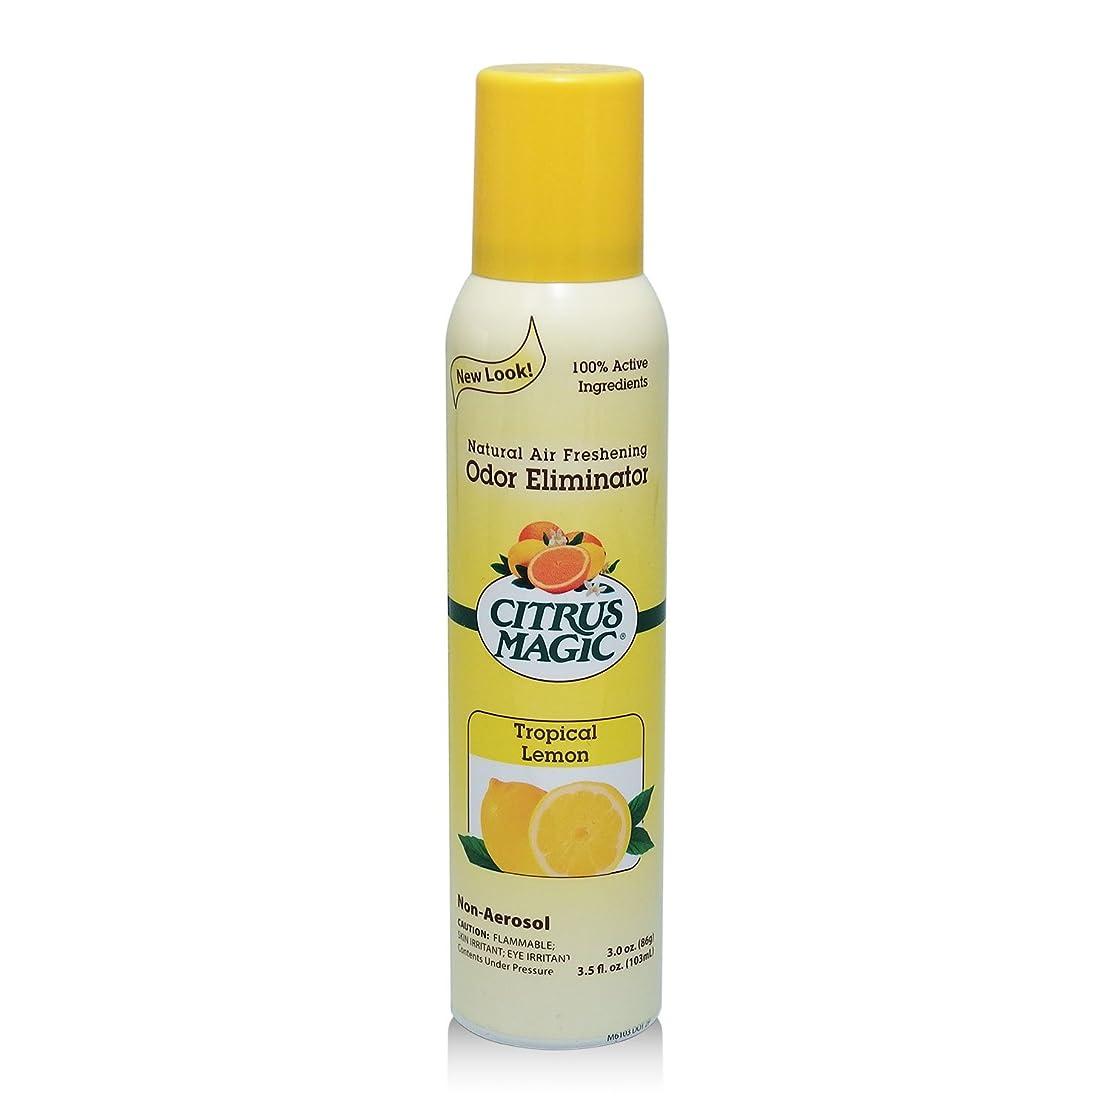 差し迫ったスピン完了シトラスマジック エア フレッシュナー レモン 103ml 果皮抽出オイルをギュッと詰めた消臭?芳香ルームスプレー